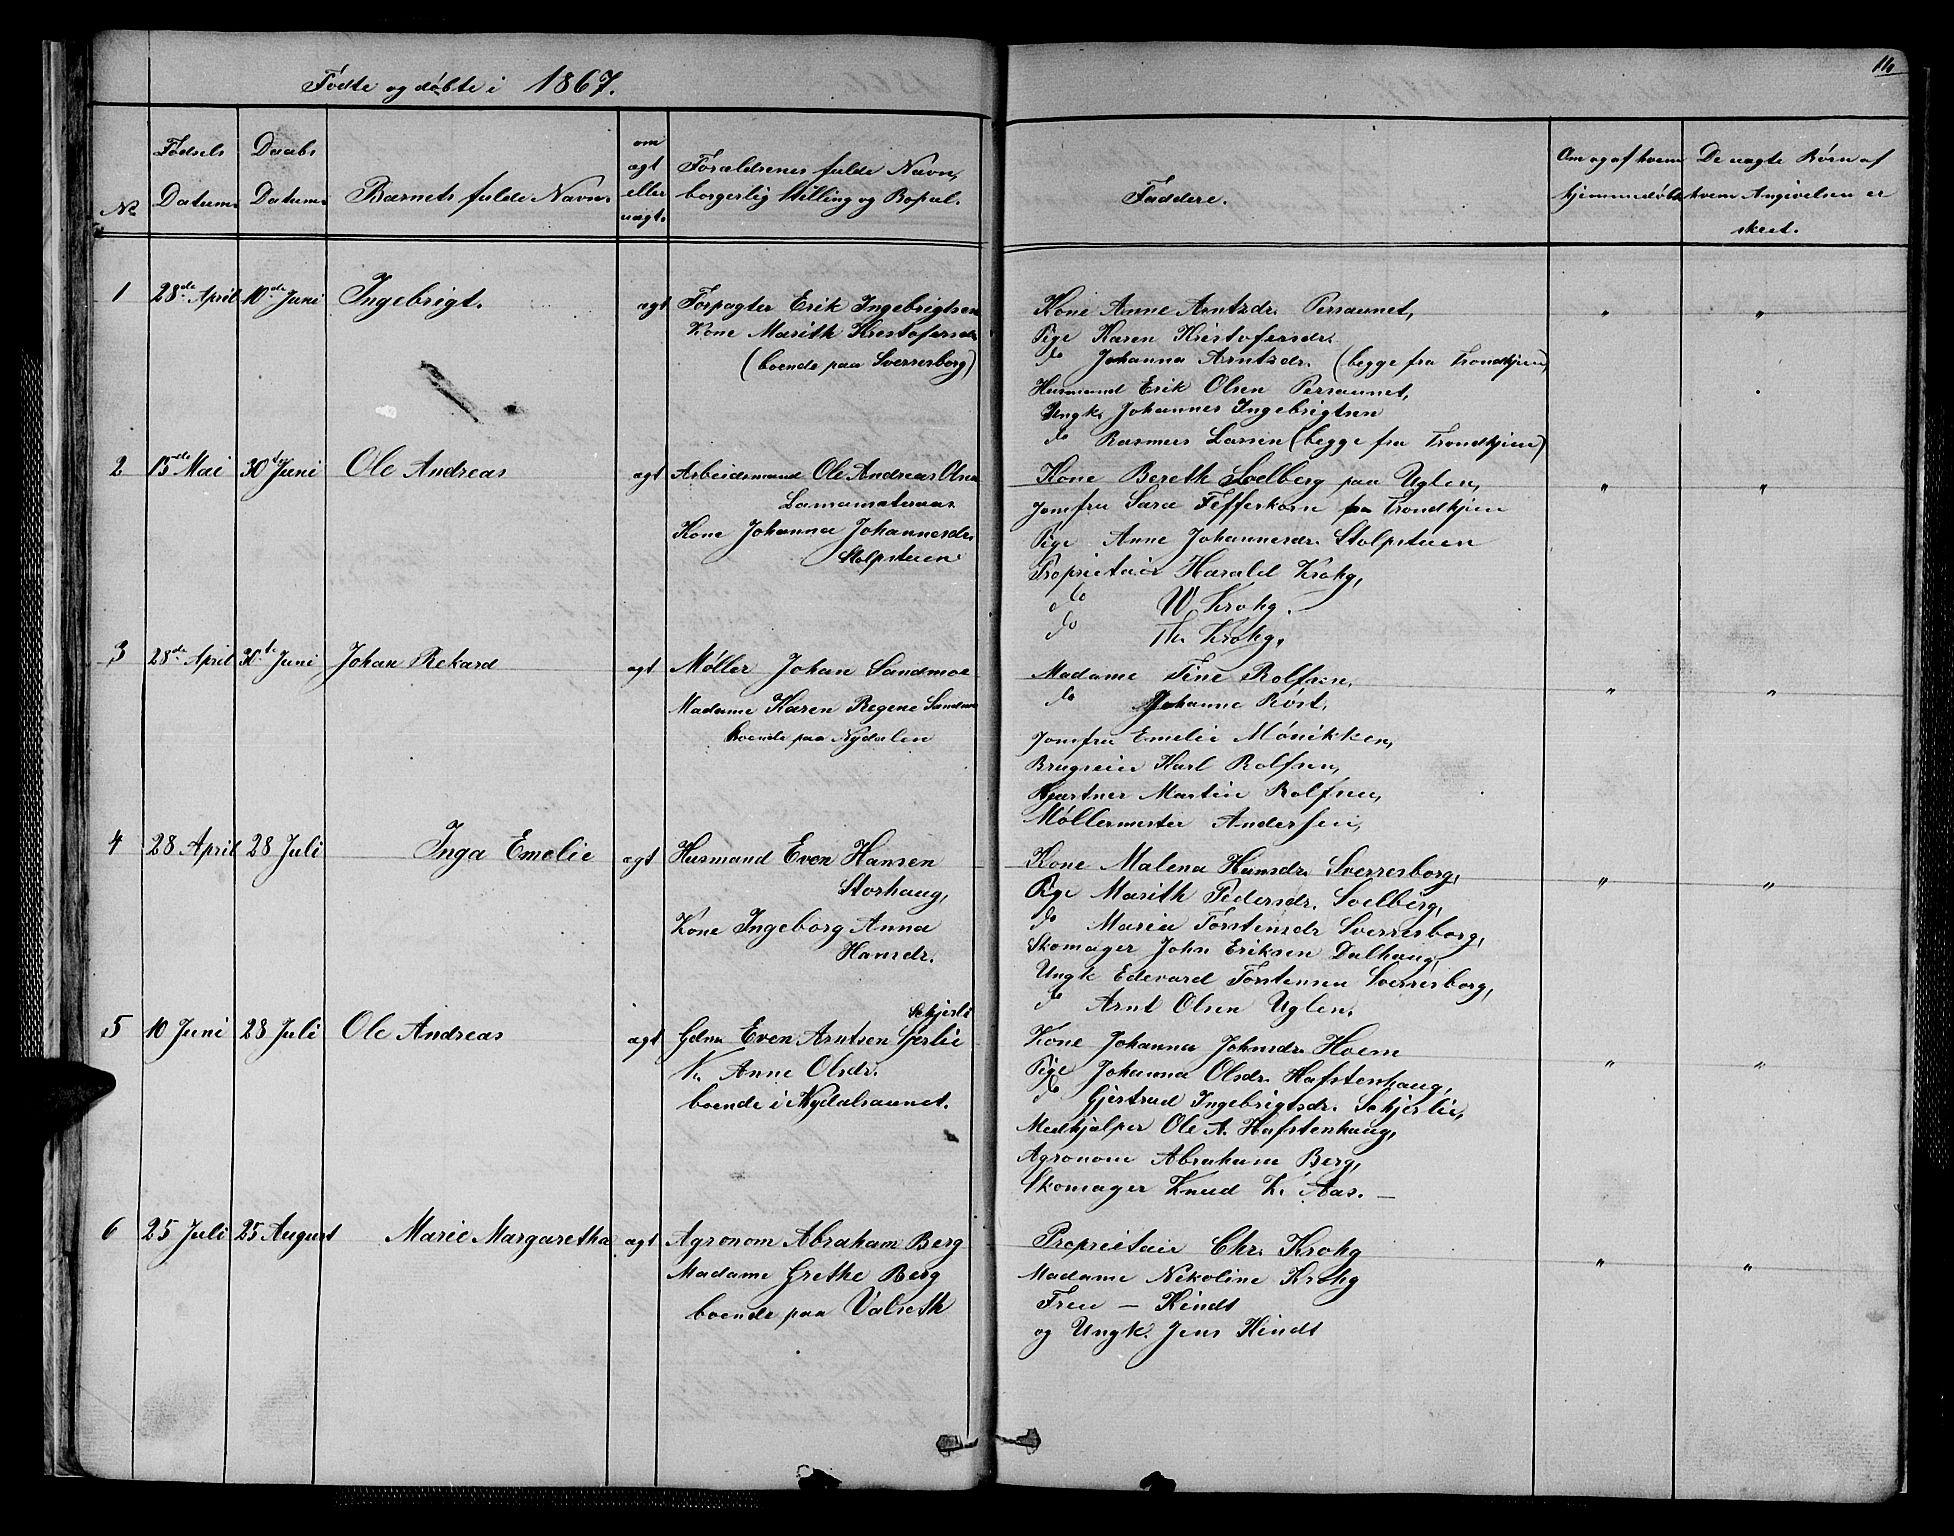 SAT, Ministerialprotokoller, klokkerbøker og fødselsregistre - Sør-Trøndelag, 611/L0353: Klokkerbok nr. 611C01, 1854-1881, s. 14